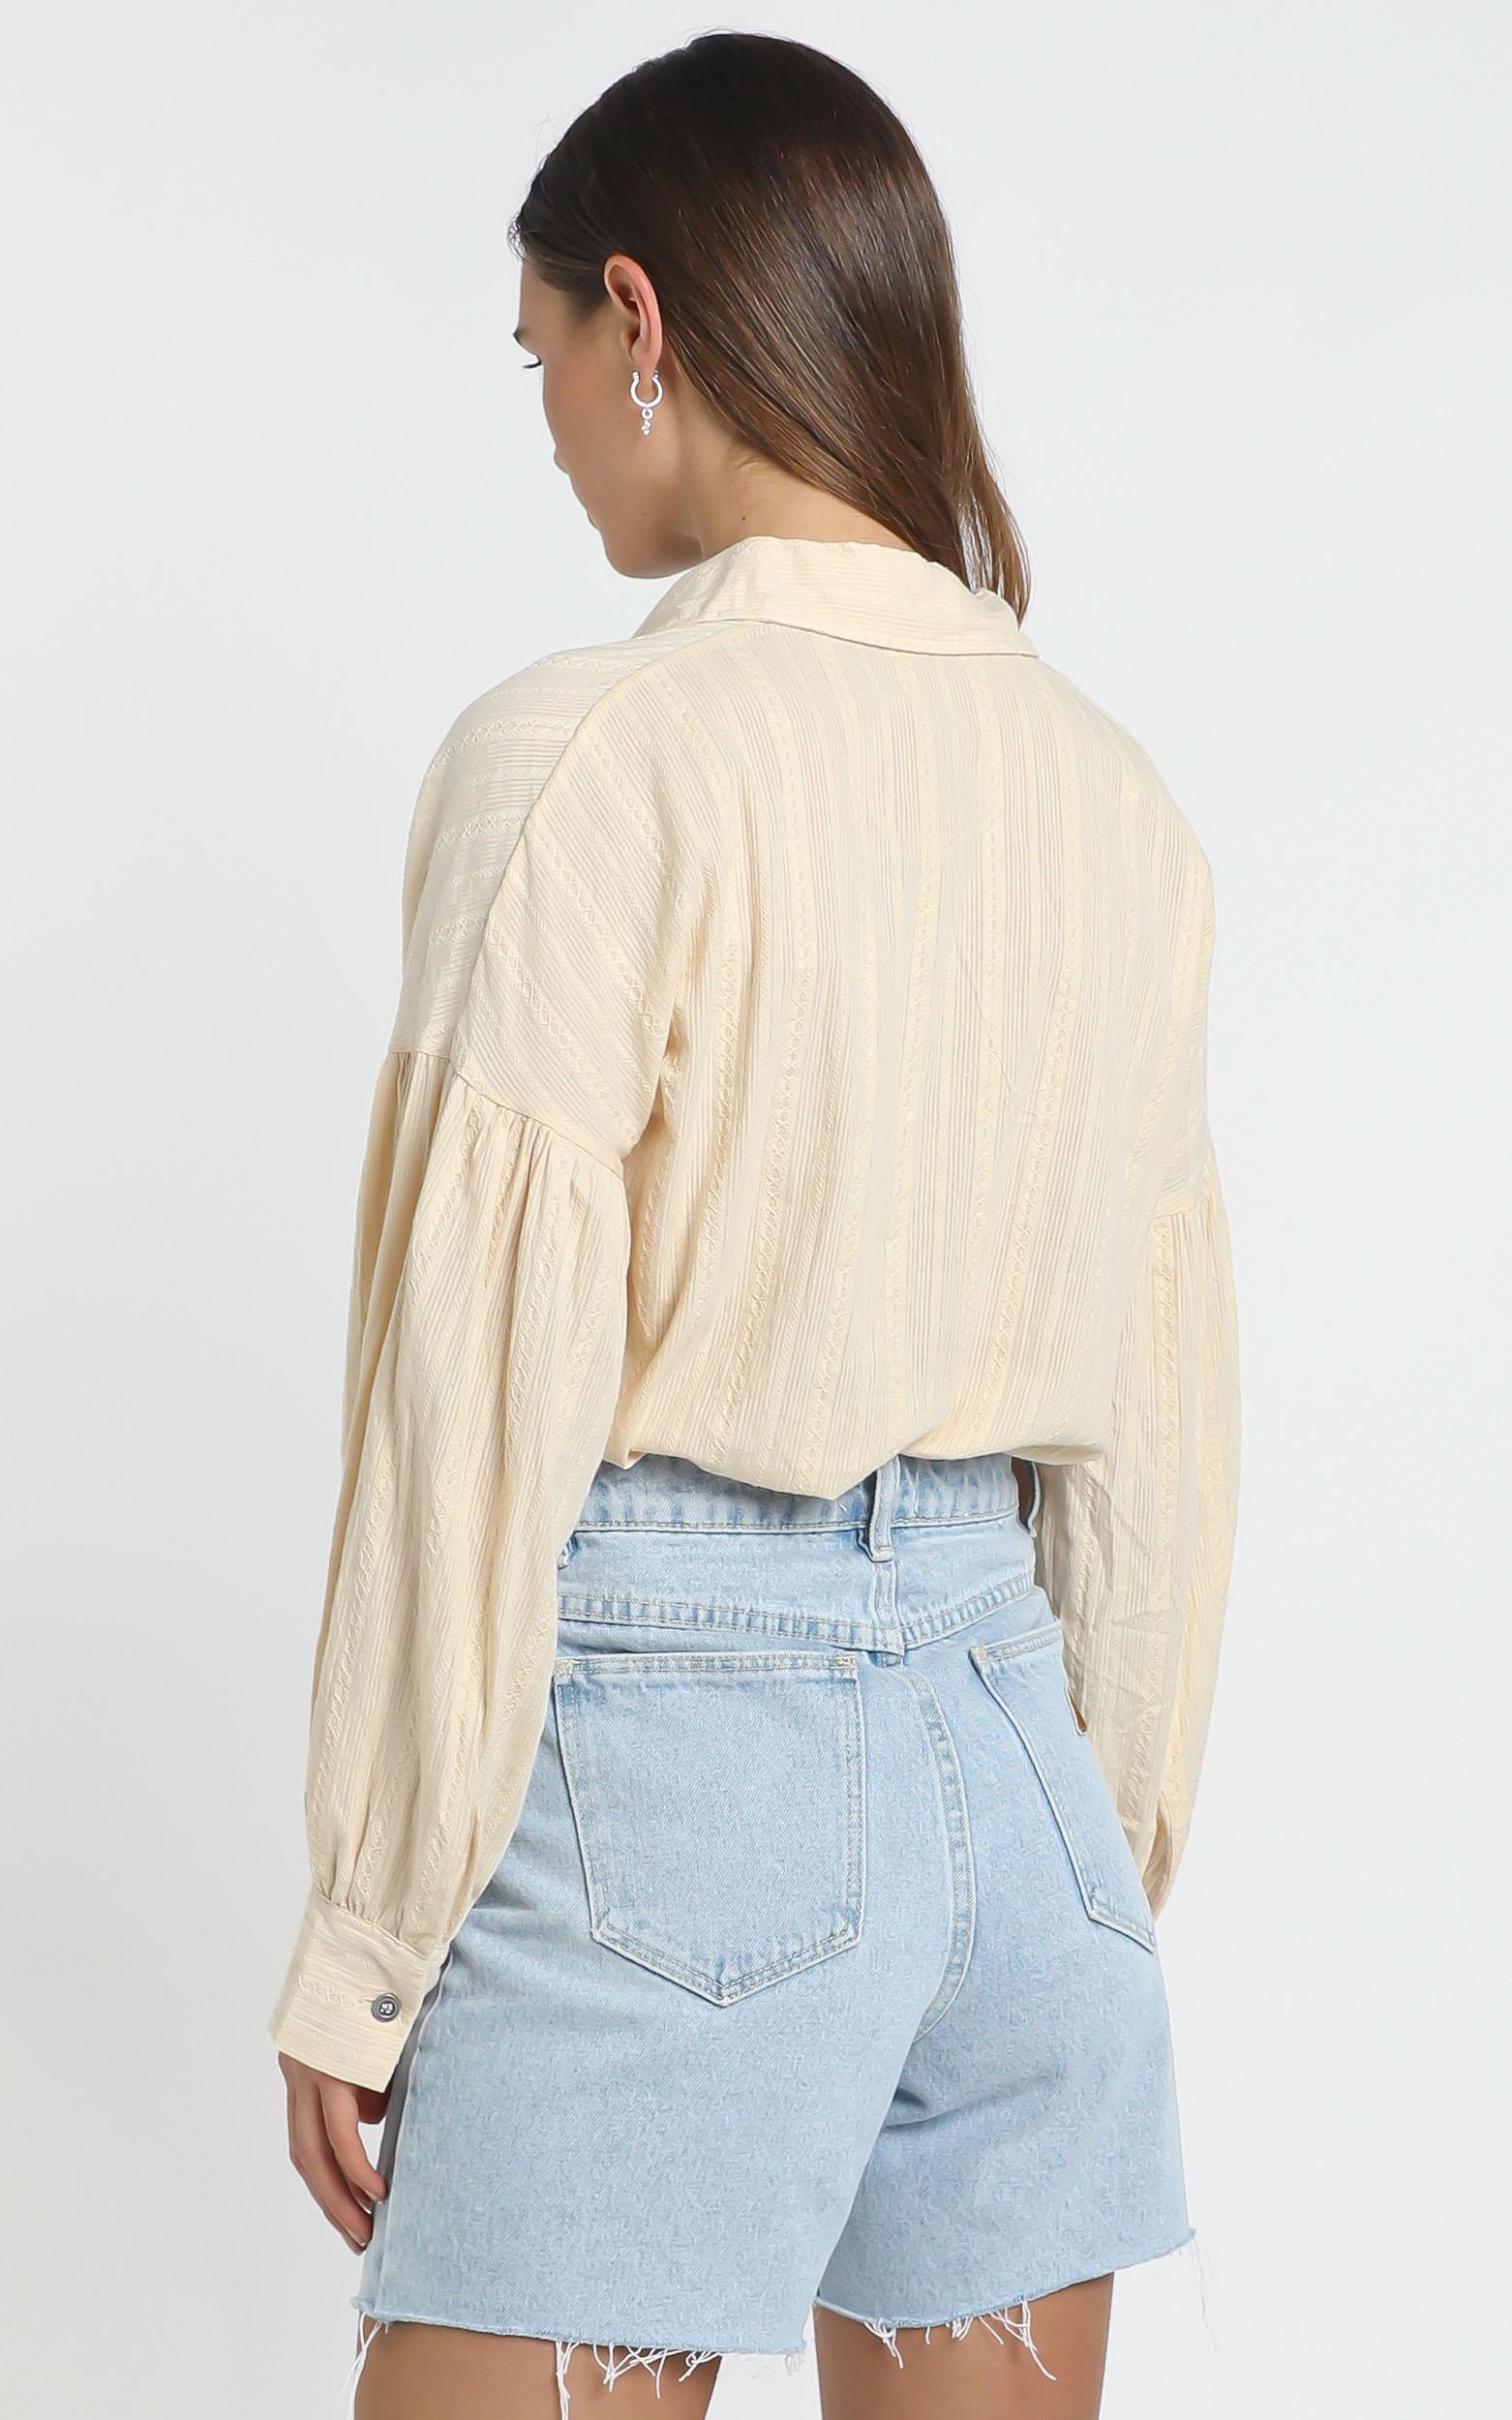 Lennon Shirt in Beige - 14 (XL), Beige, hi-res image number null